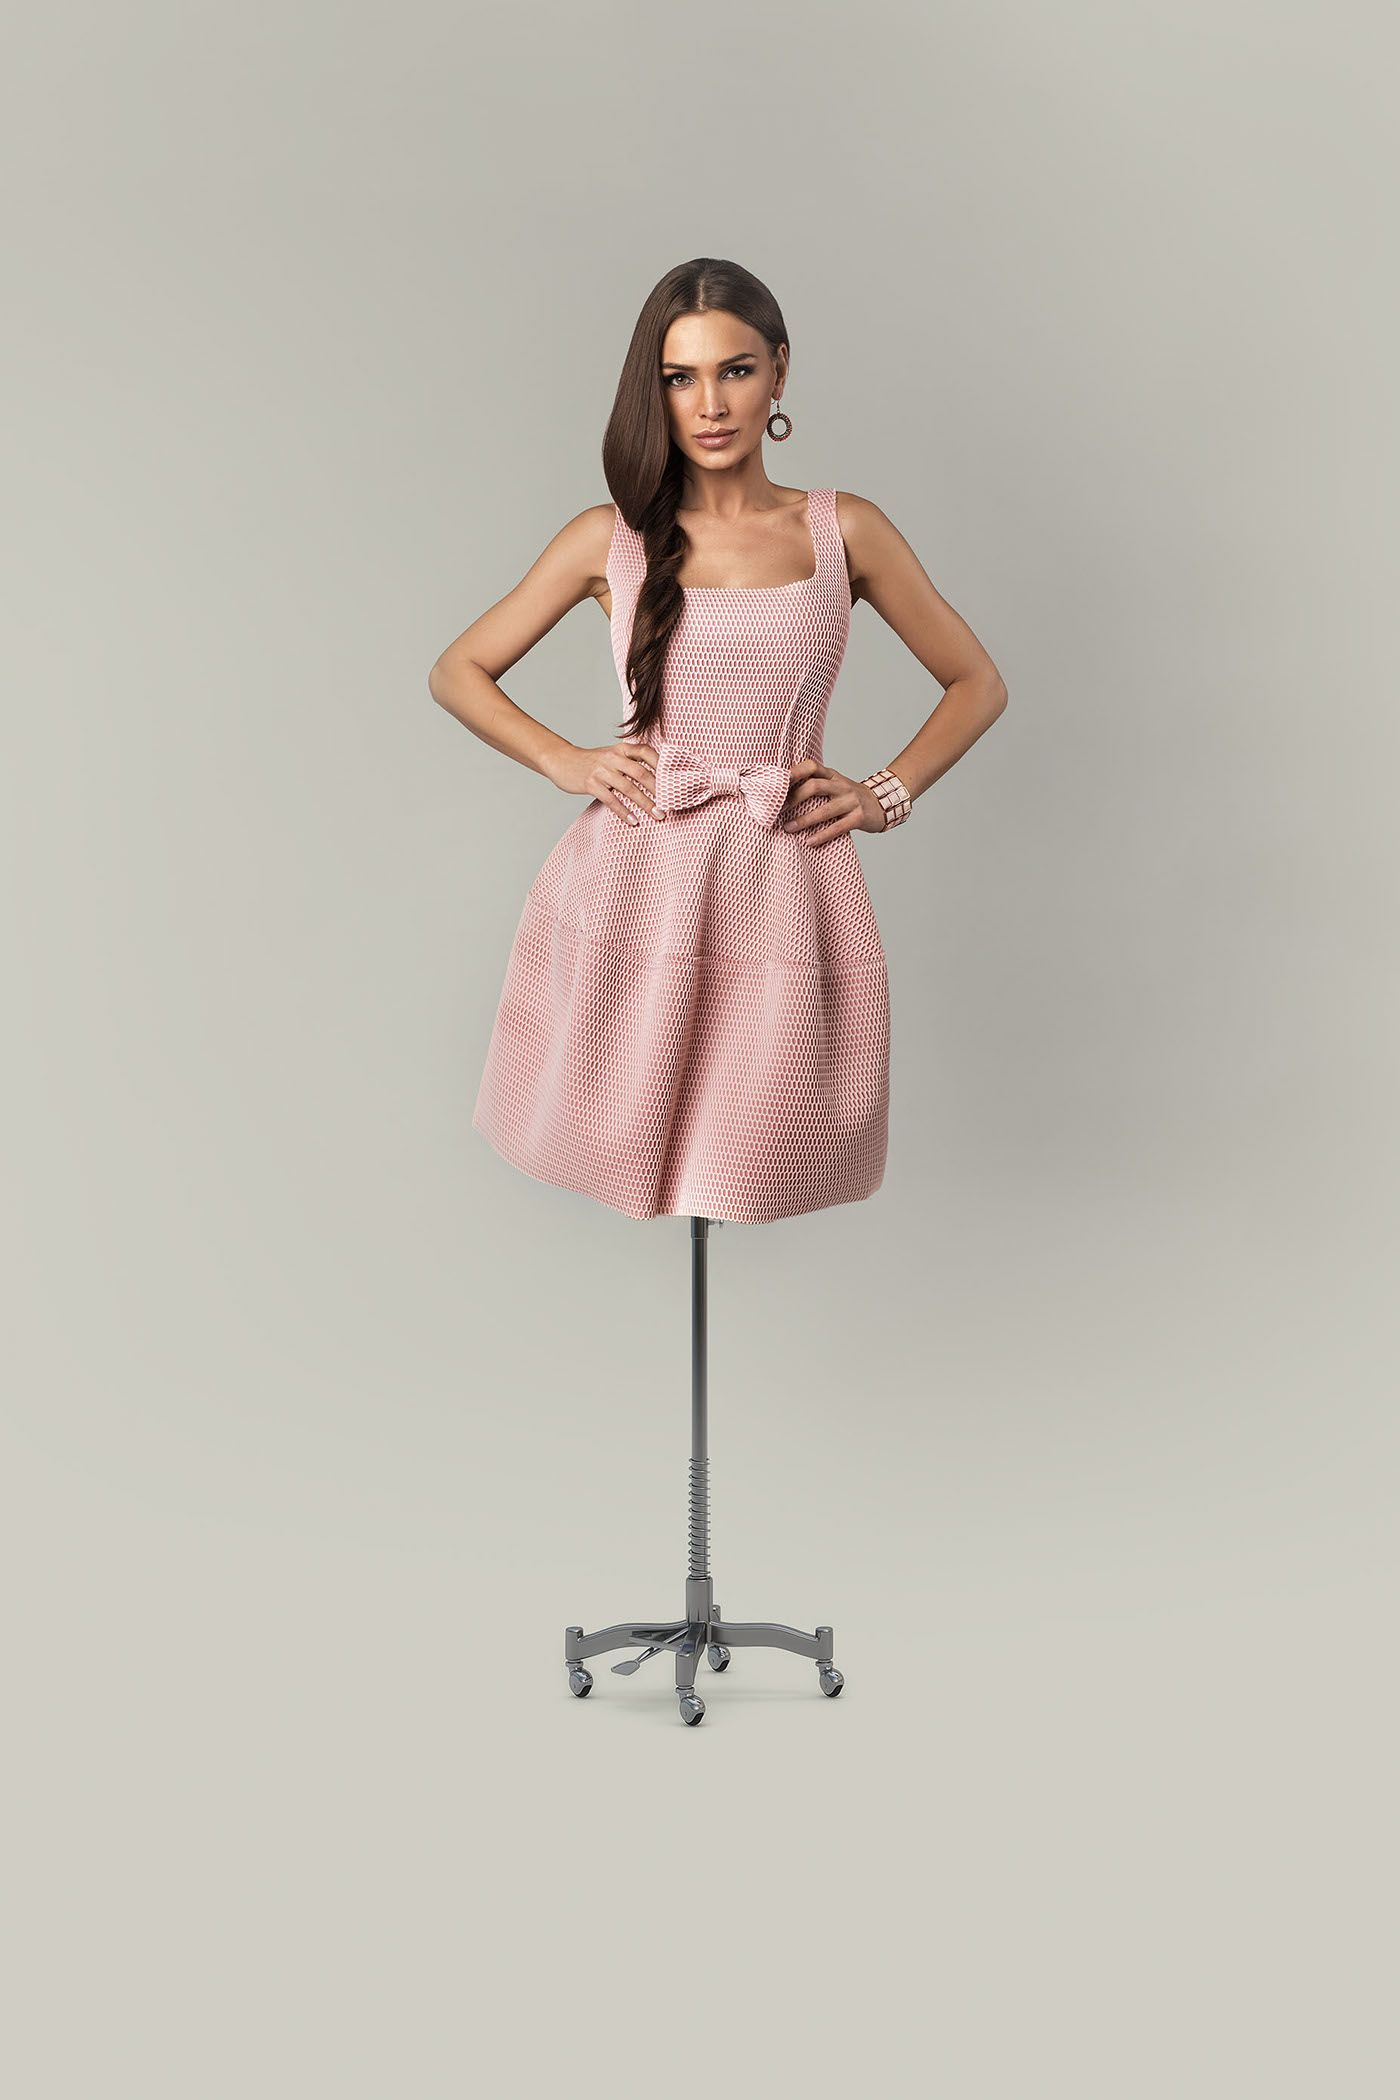 Dior product brochure Key Visuals